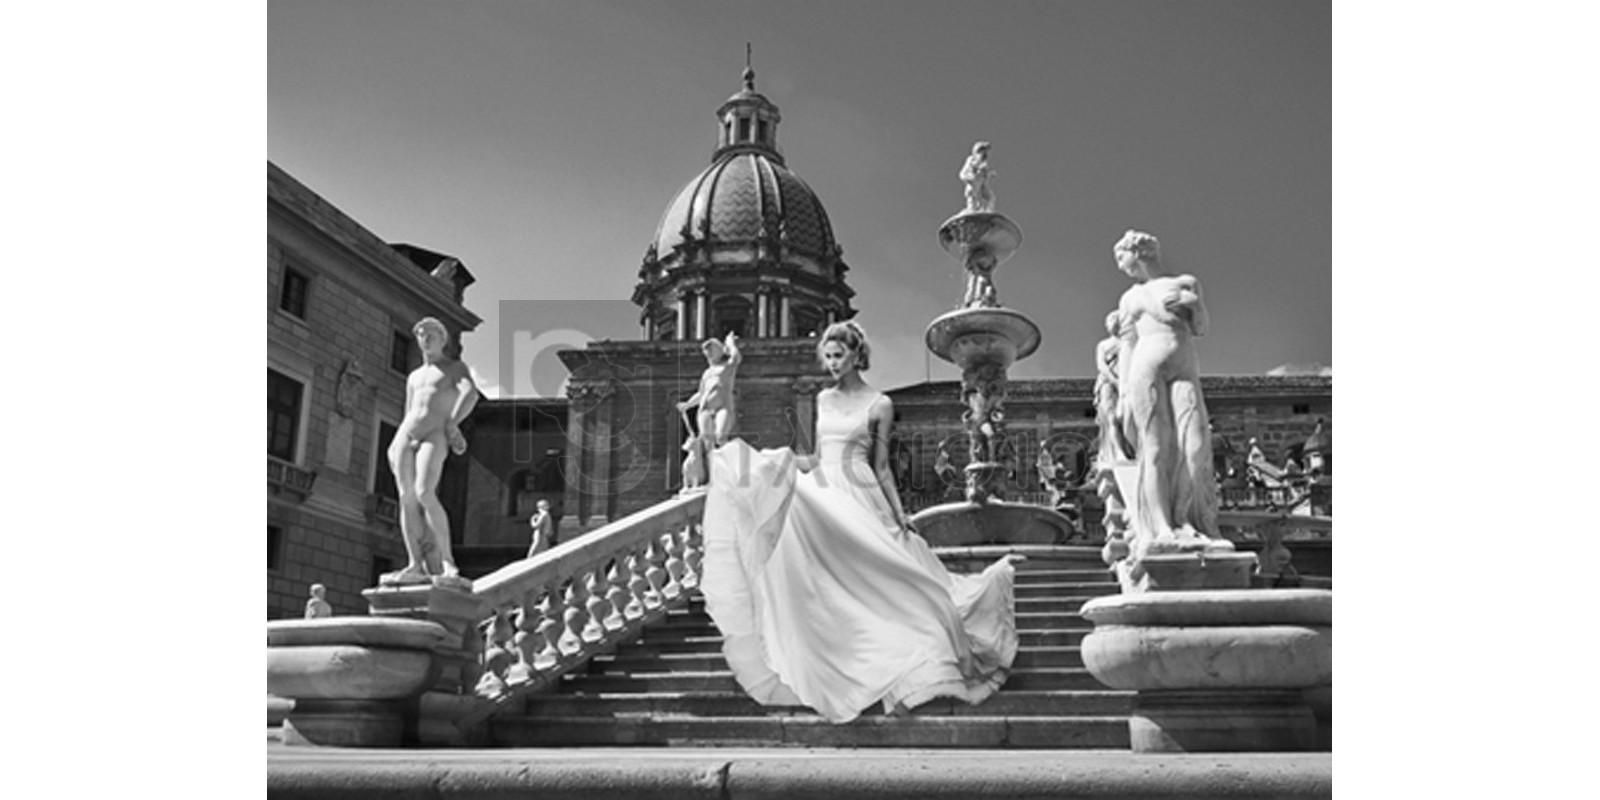 Haute Photo Collection - Escalier en Italie (detail)